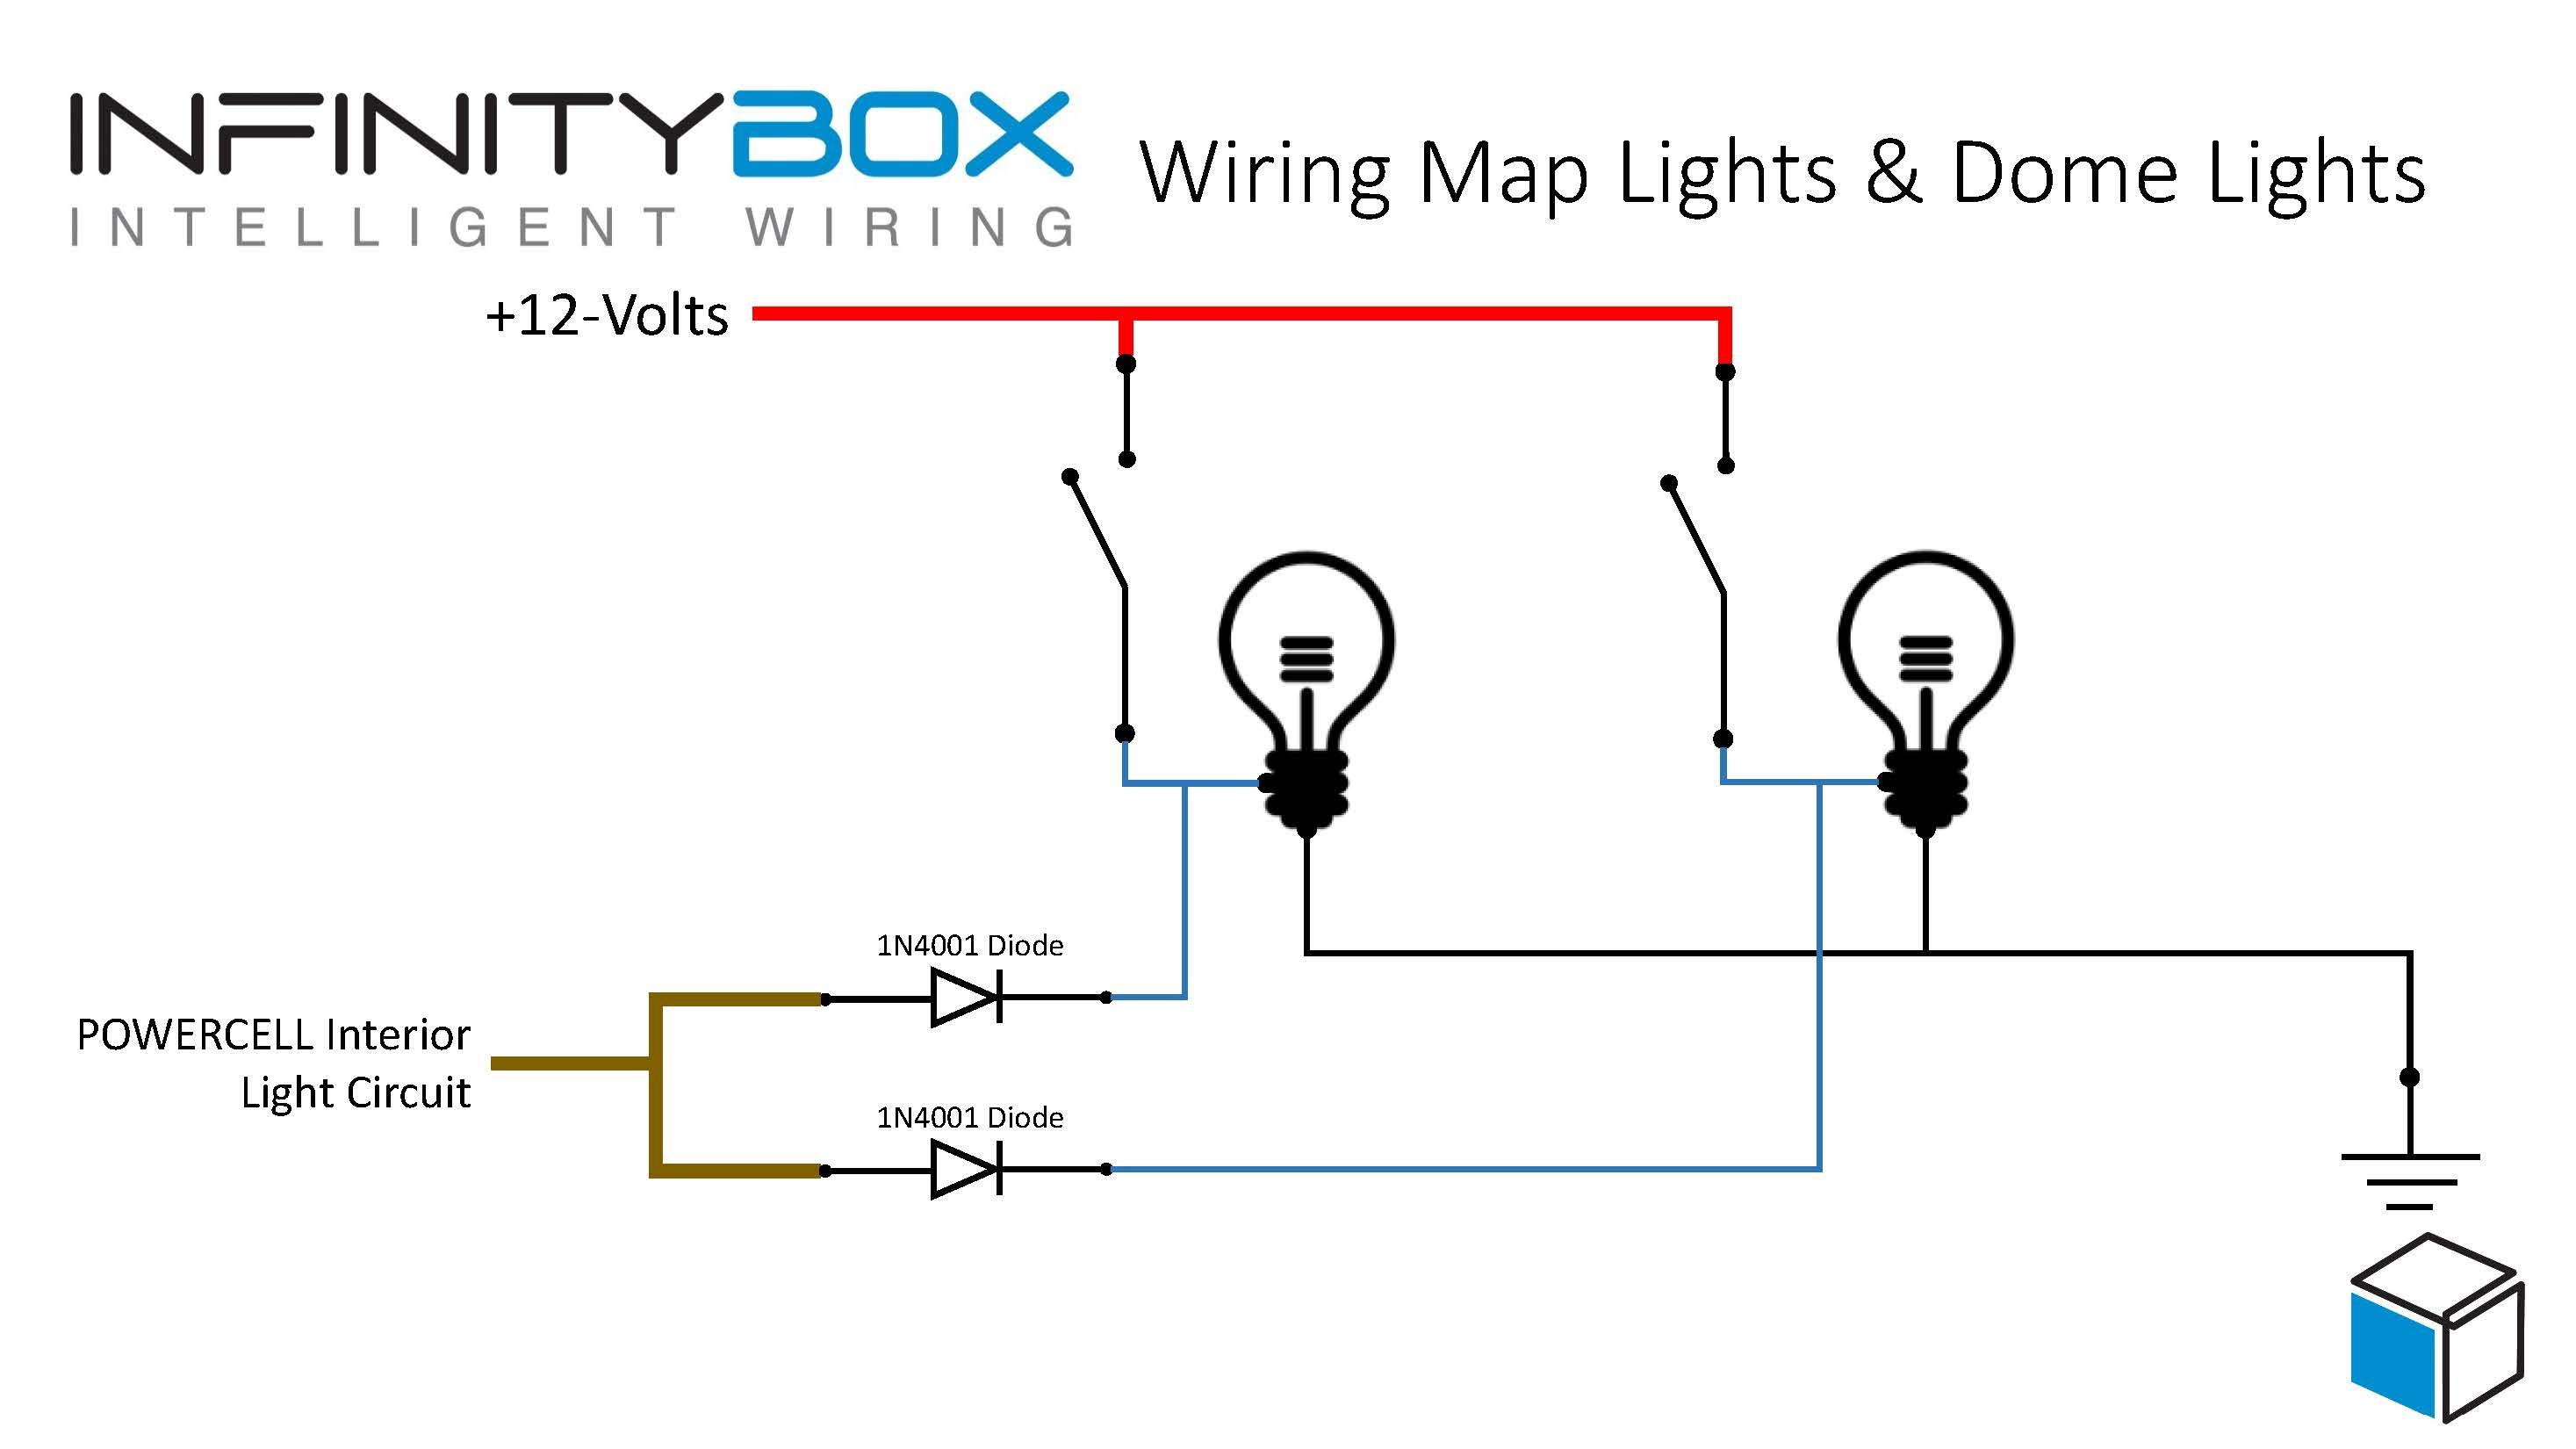 Club Car Light Kit Wiring Diagram   Wiring Library - Club Car Precedent Light Kit Wiring Diagram